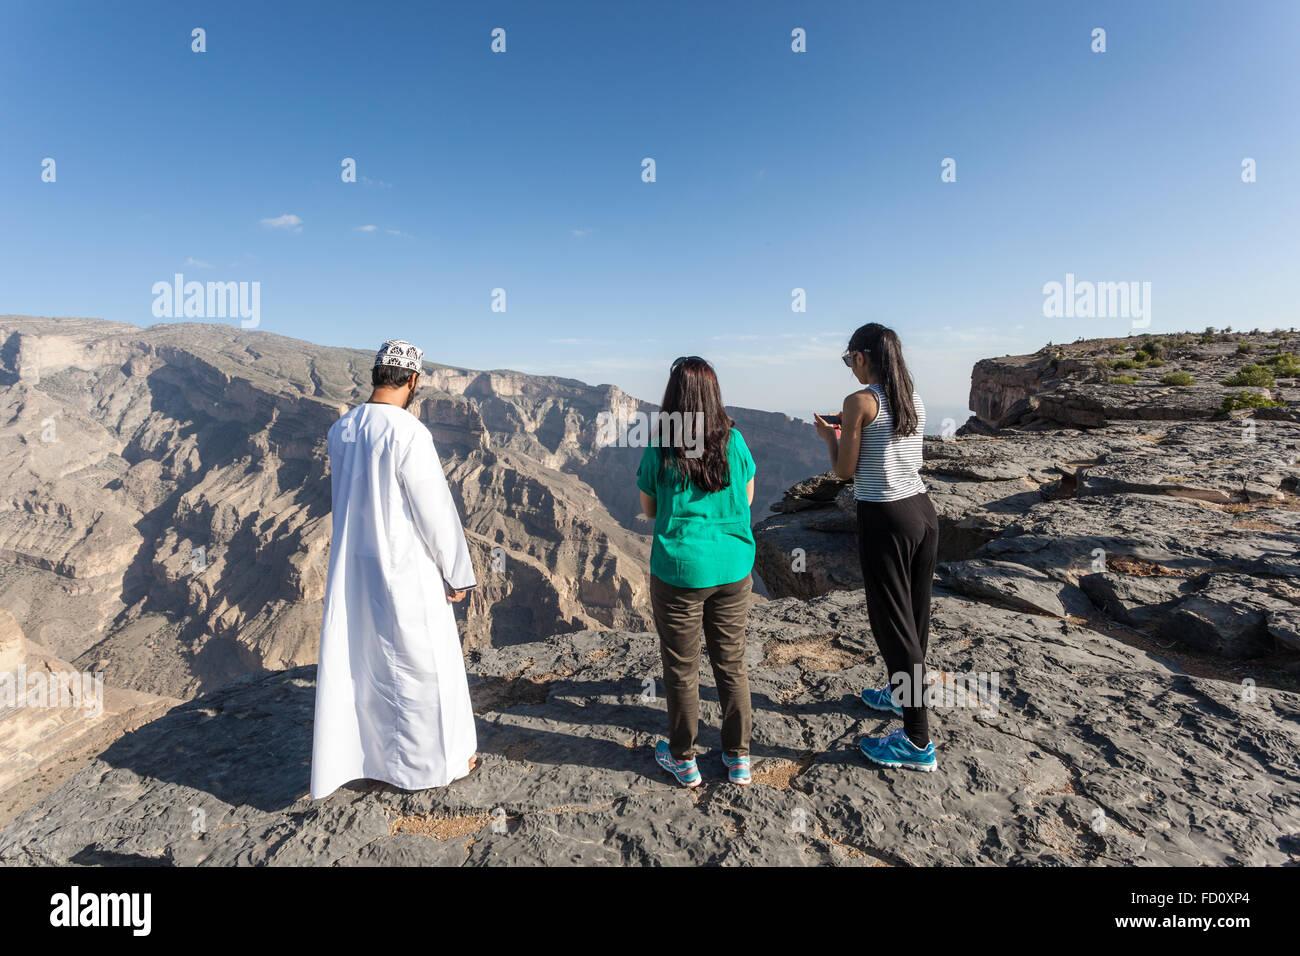 Los turistas con una guía de Omán en el Grand Canyon, Omán Imagen De Stock